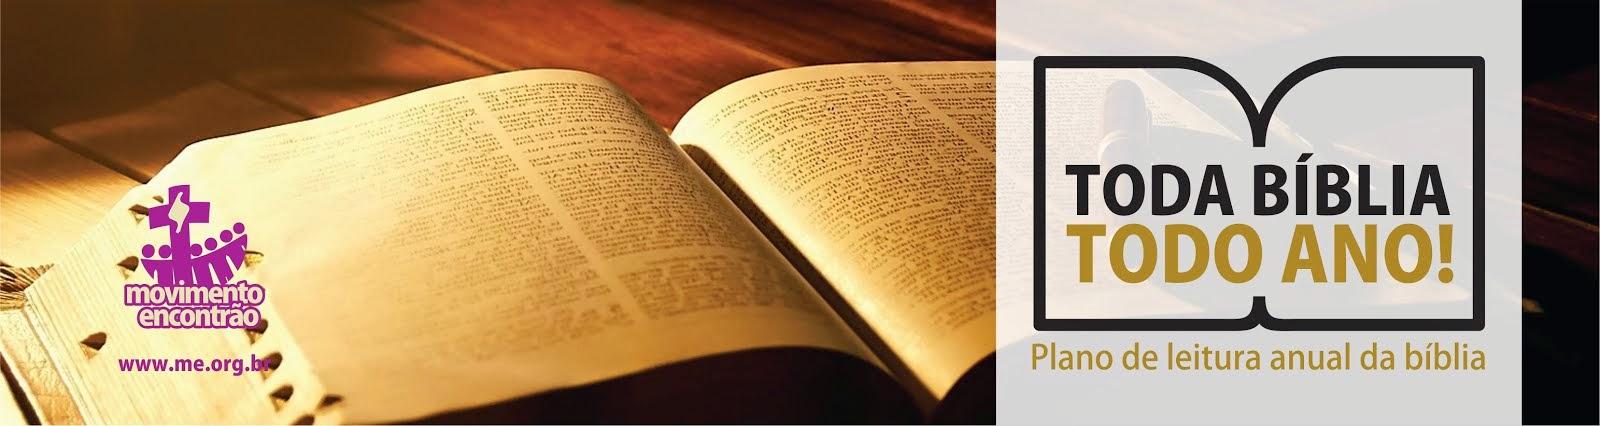 Toda Bíblia Todo Ano